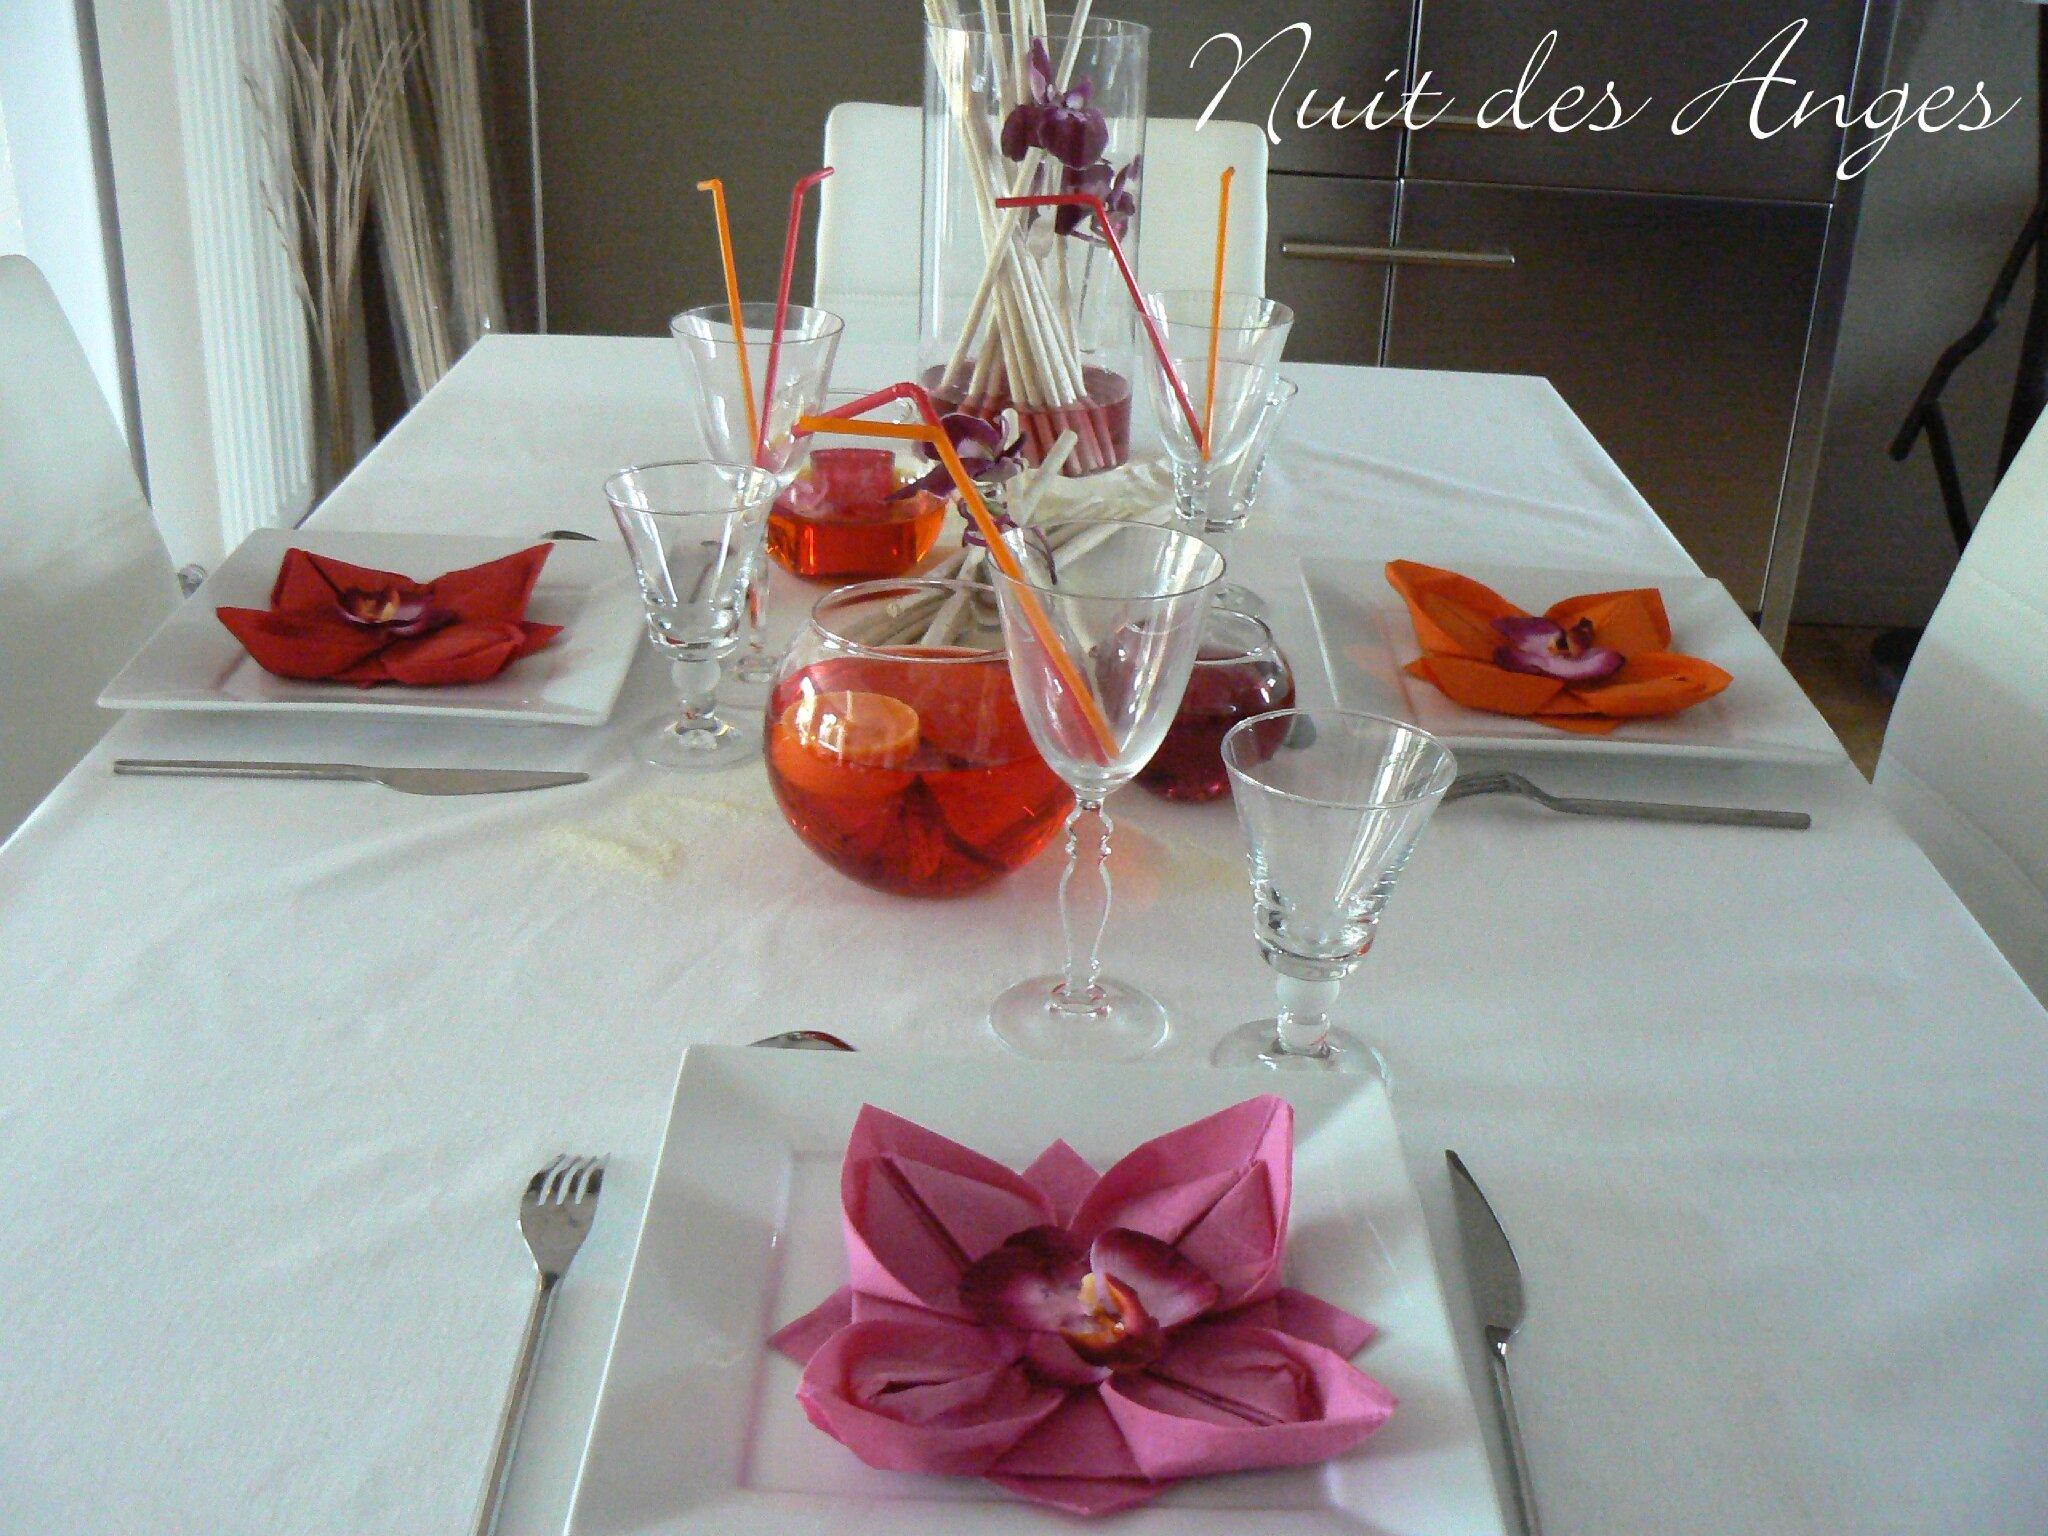 nuit des anges dcoratrice de mariage dcoration de table exotique 003 - Deco Table Exotique